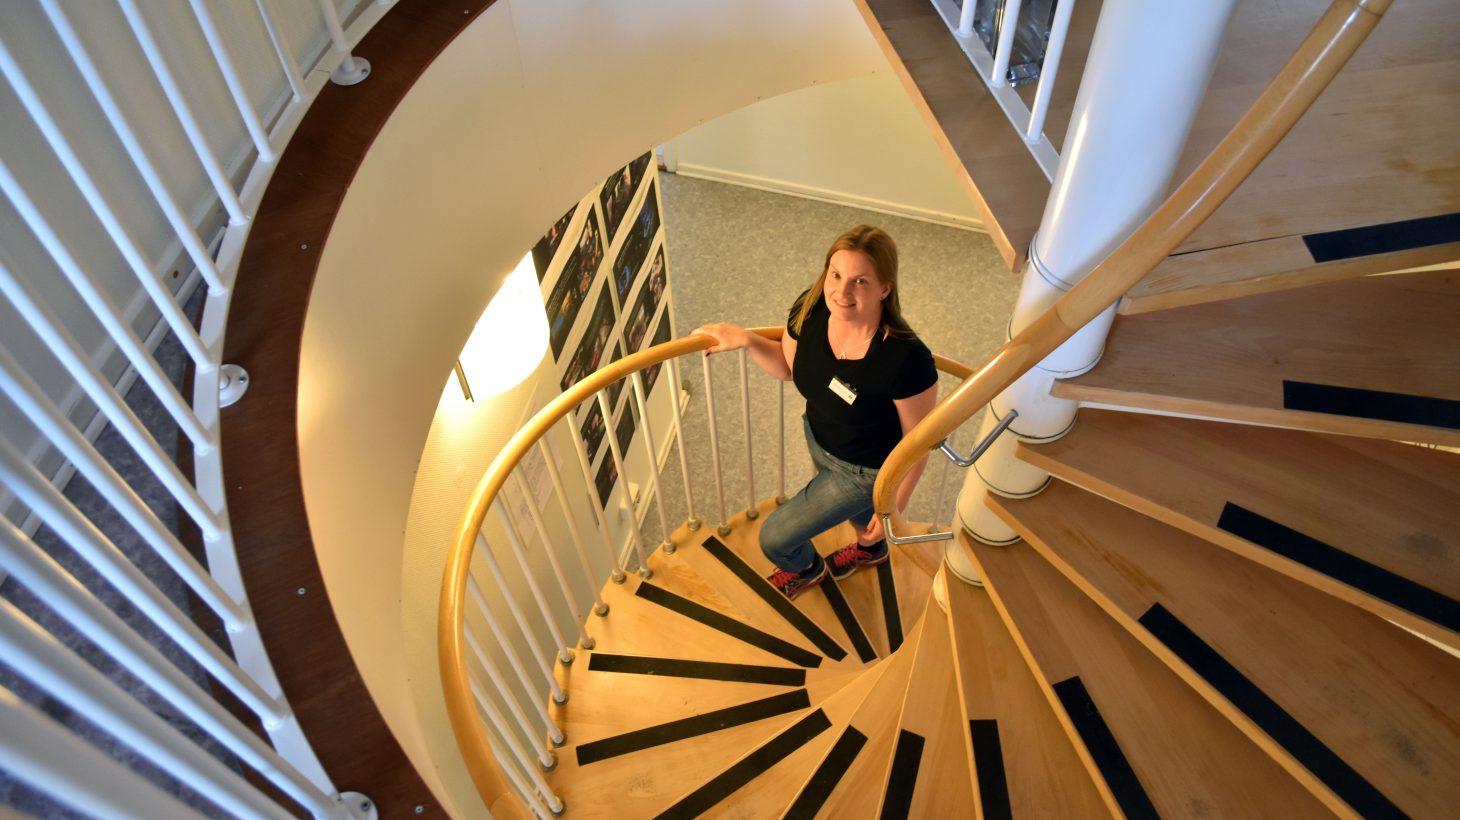 Isabelle Åkerström, utvecklingspedagog i Pedagogiska utvecklingsteamet i område norr, går uppåt i en spiraltrappa.